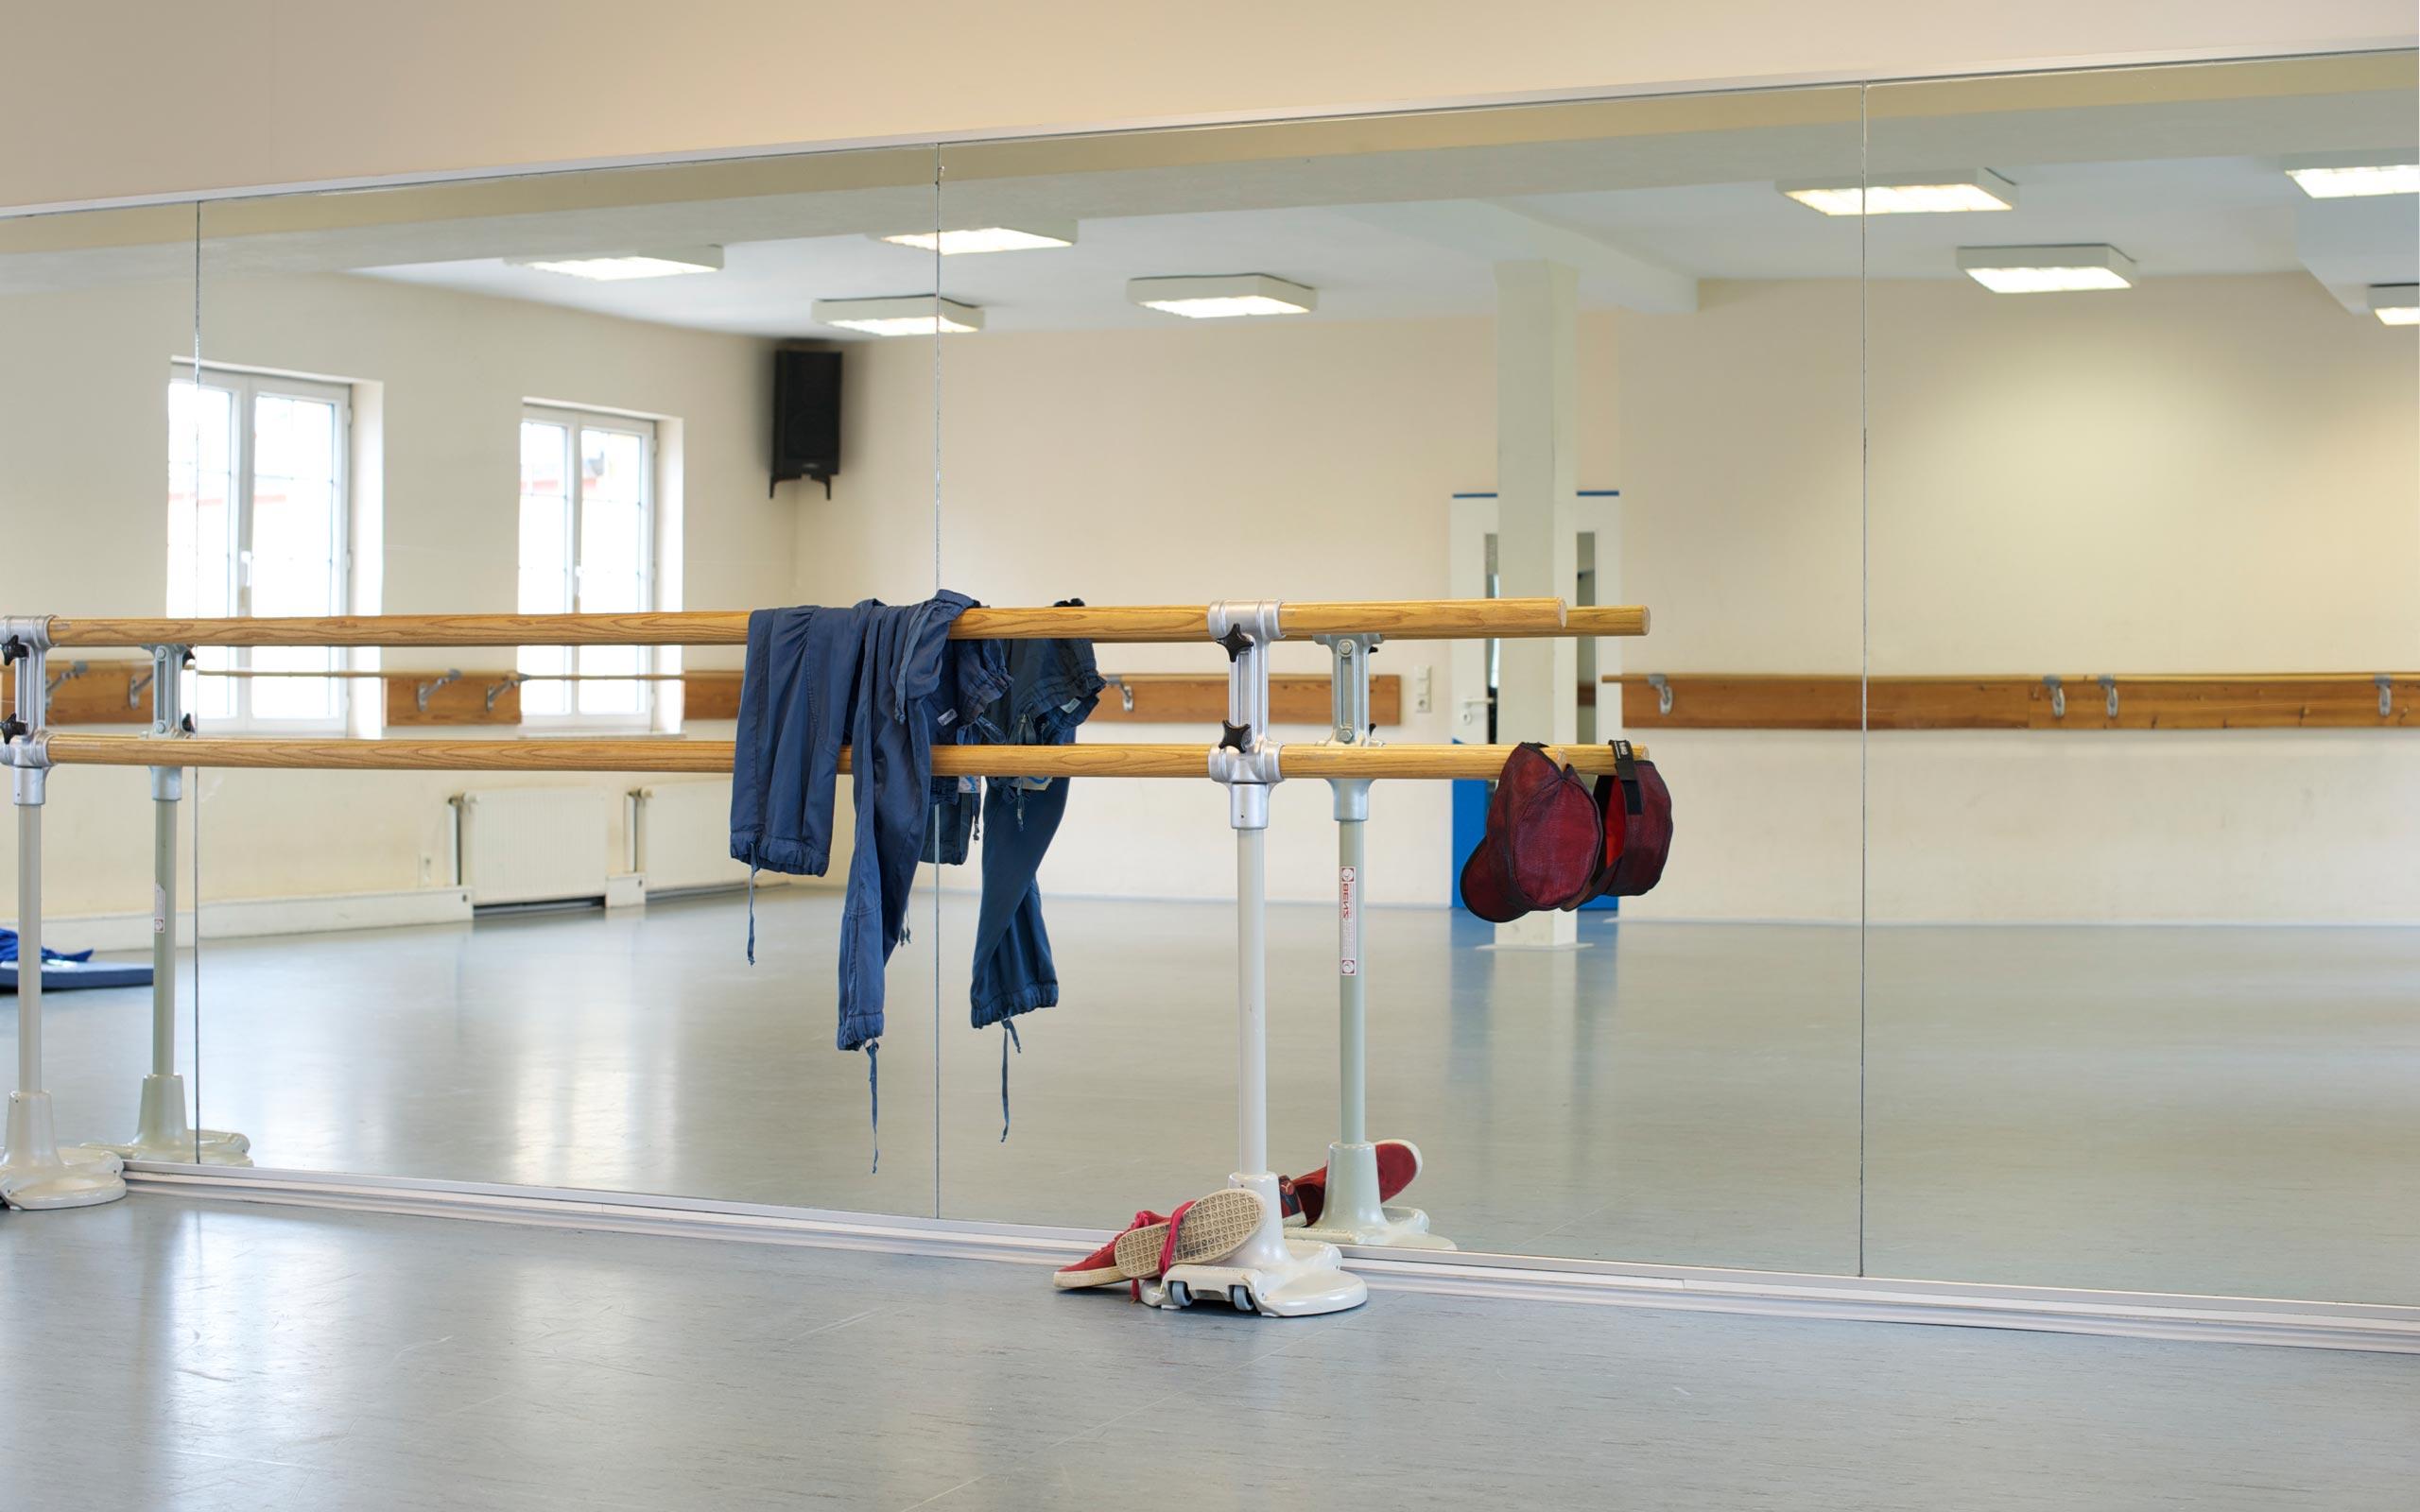 Tanzkurs Modern der Tanzakademie Erxleben für angesagten HipHop, Breakdance und ähnliche moderne Tänze